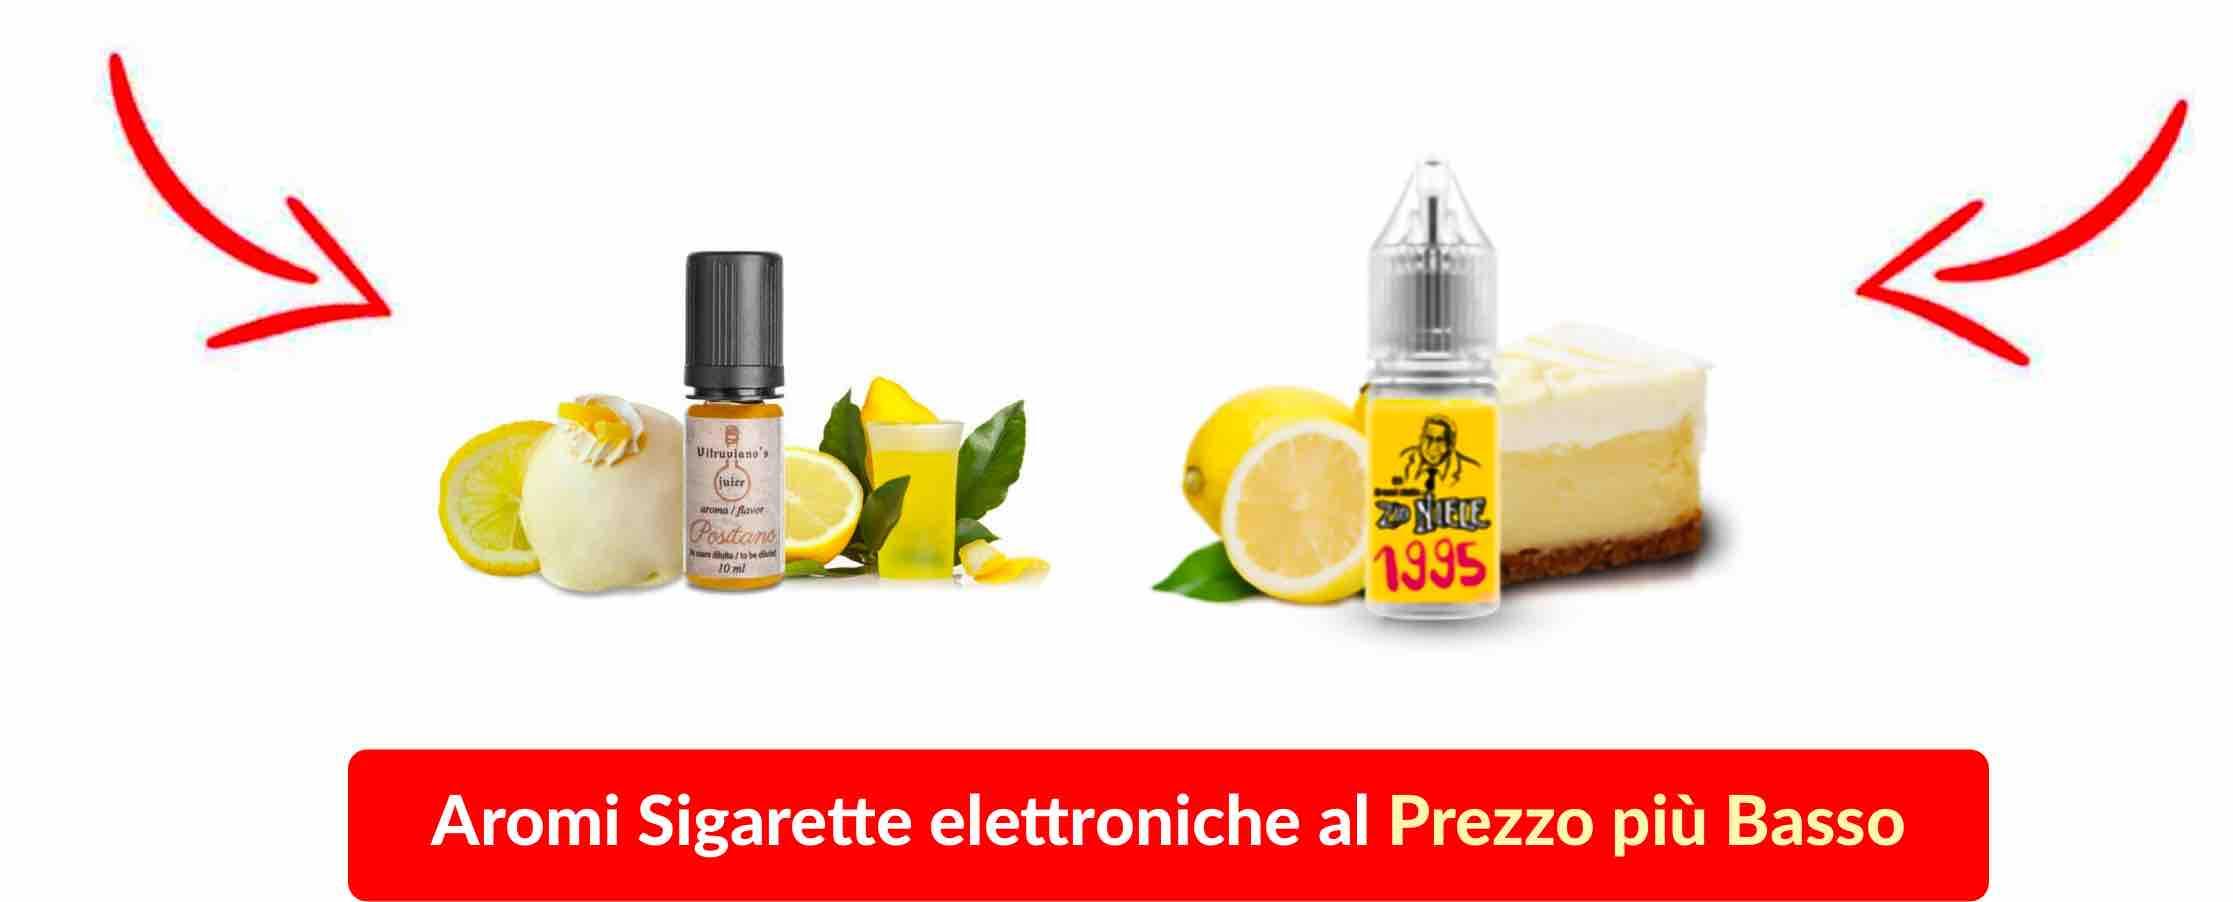 una collezione di aromi per sigarette elettroniche